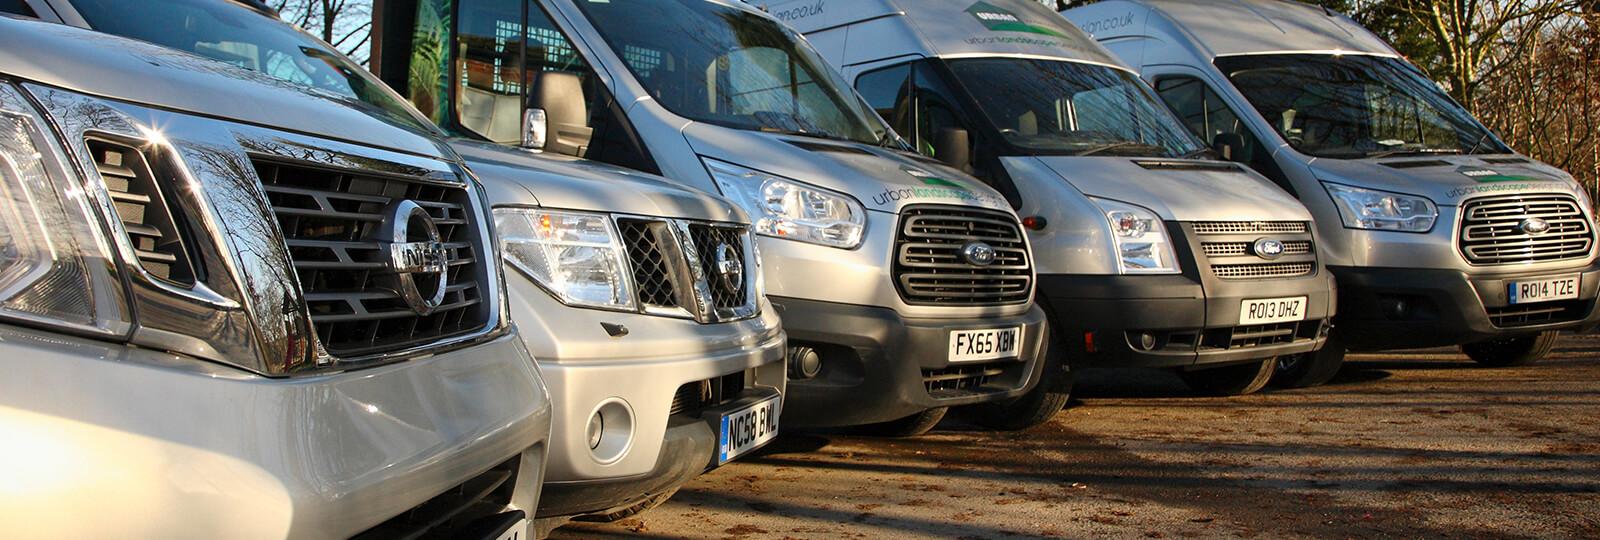 Fleet of Vans for your business